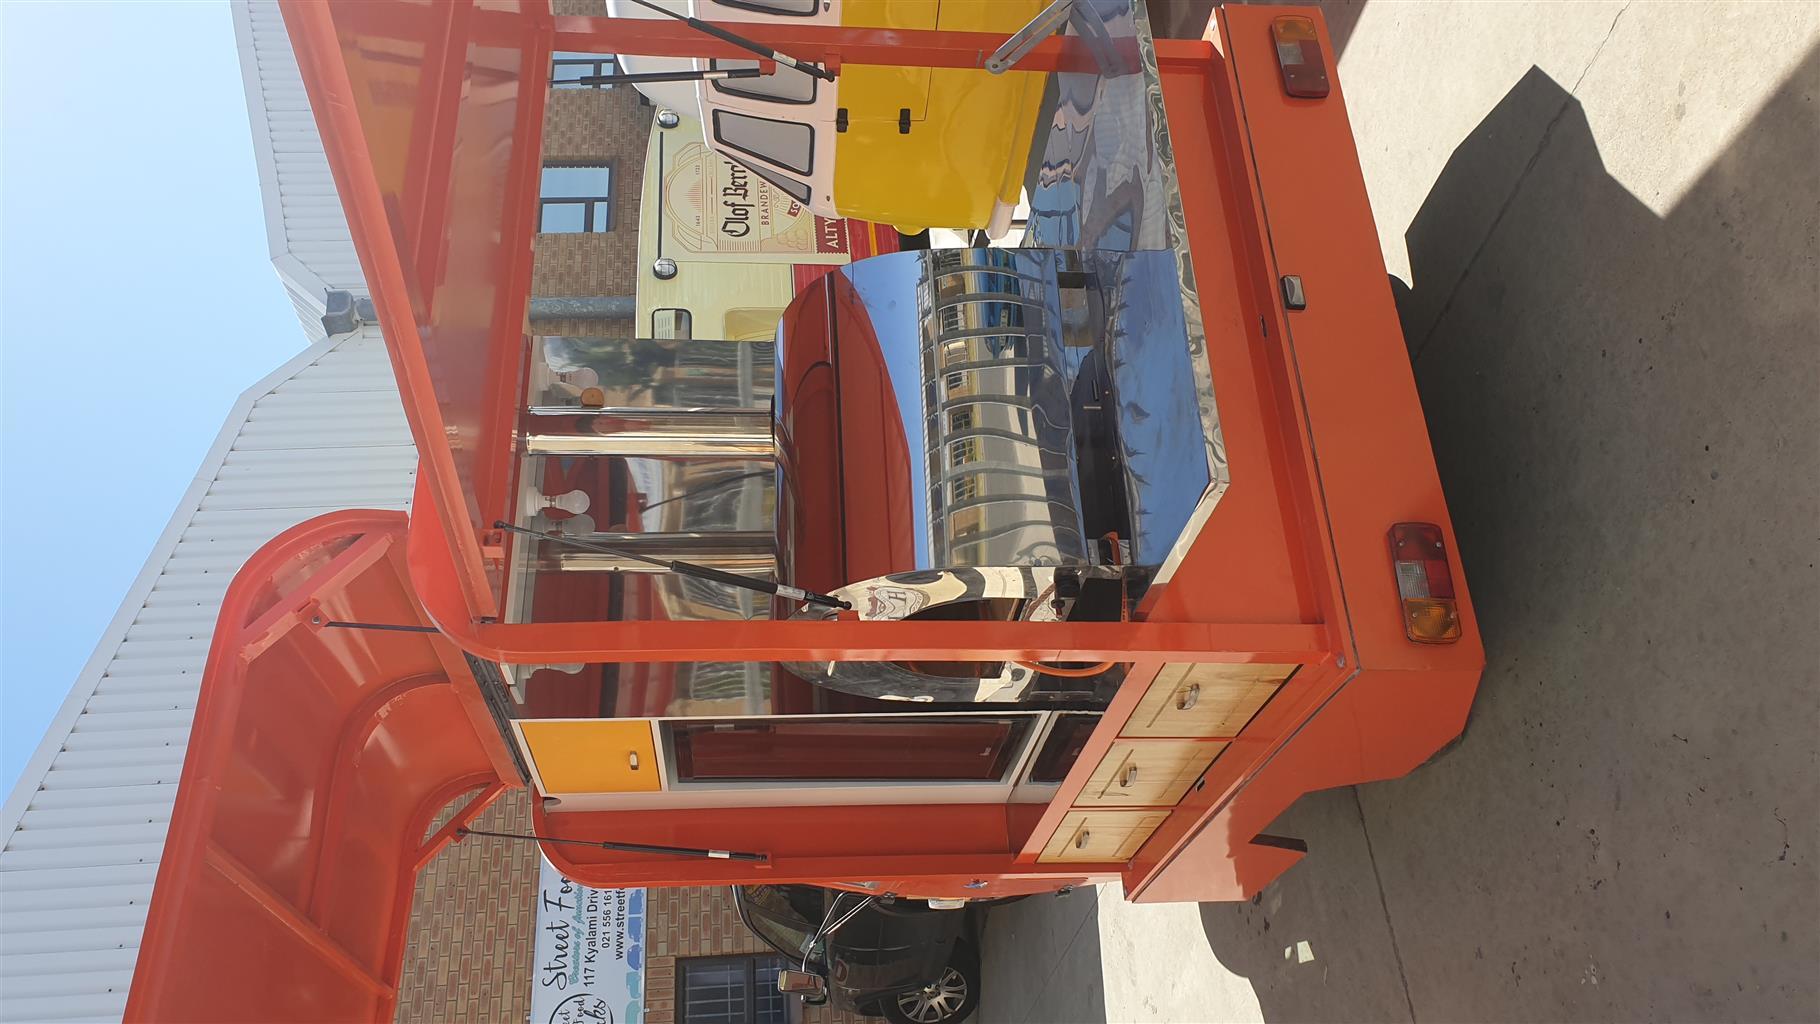 Mobile Pizza Tuk Tuk